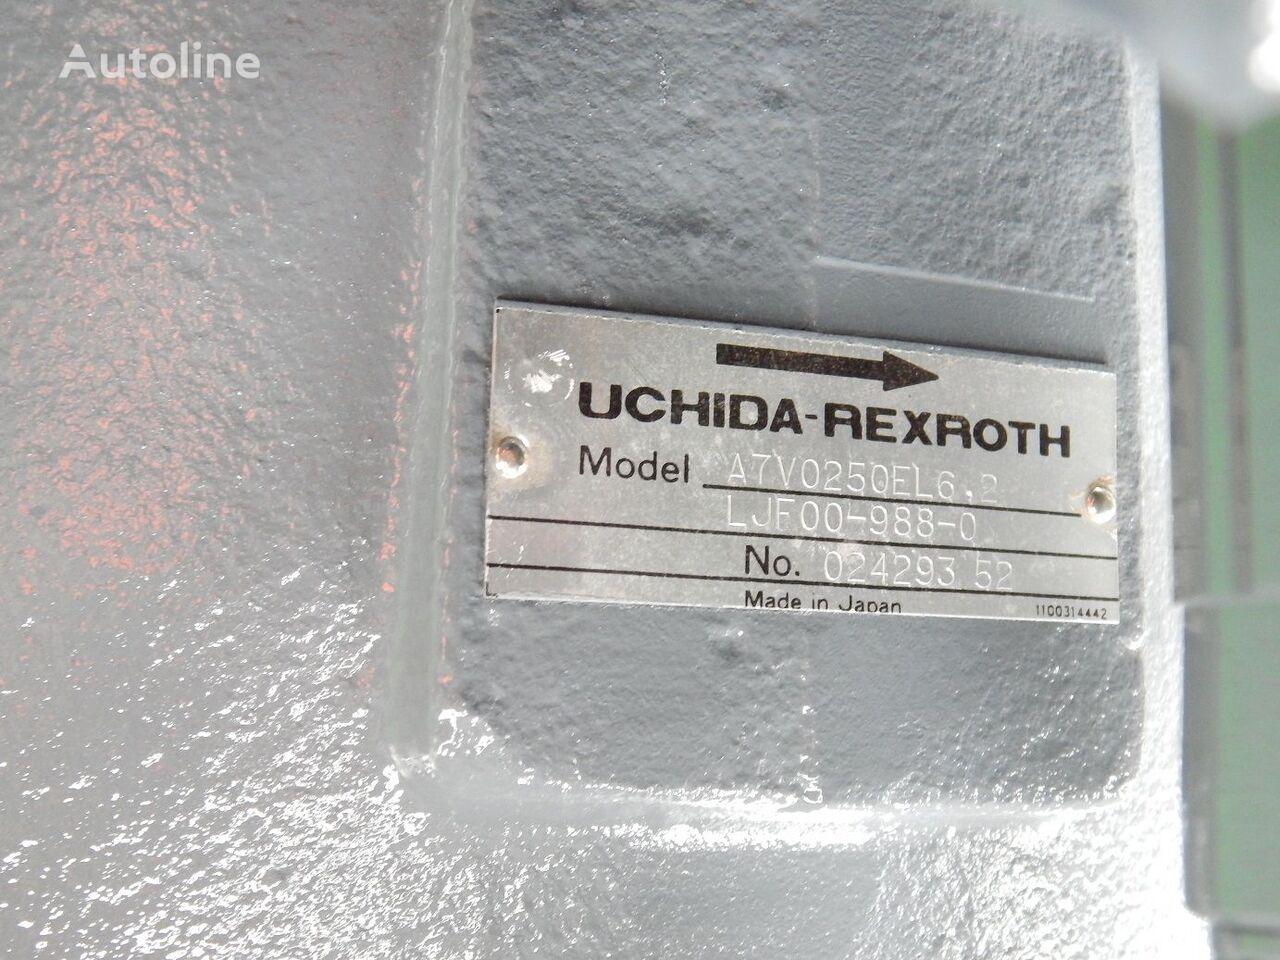 FIAT-HITACHI UCHIDA REXROTH A7V0250EL6. 2 UCHIDA REXROTH hidraulična pumpa za FIAT-HITACHI EX455 bagera